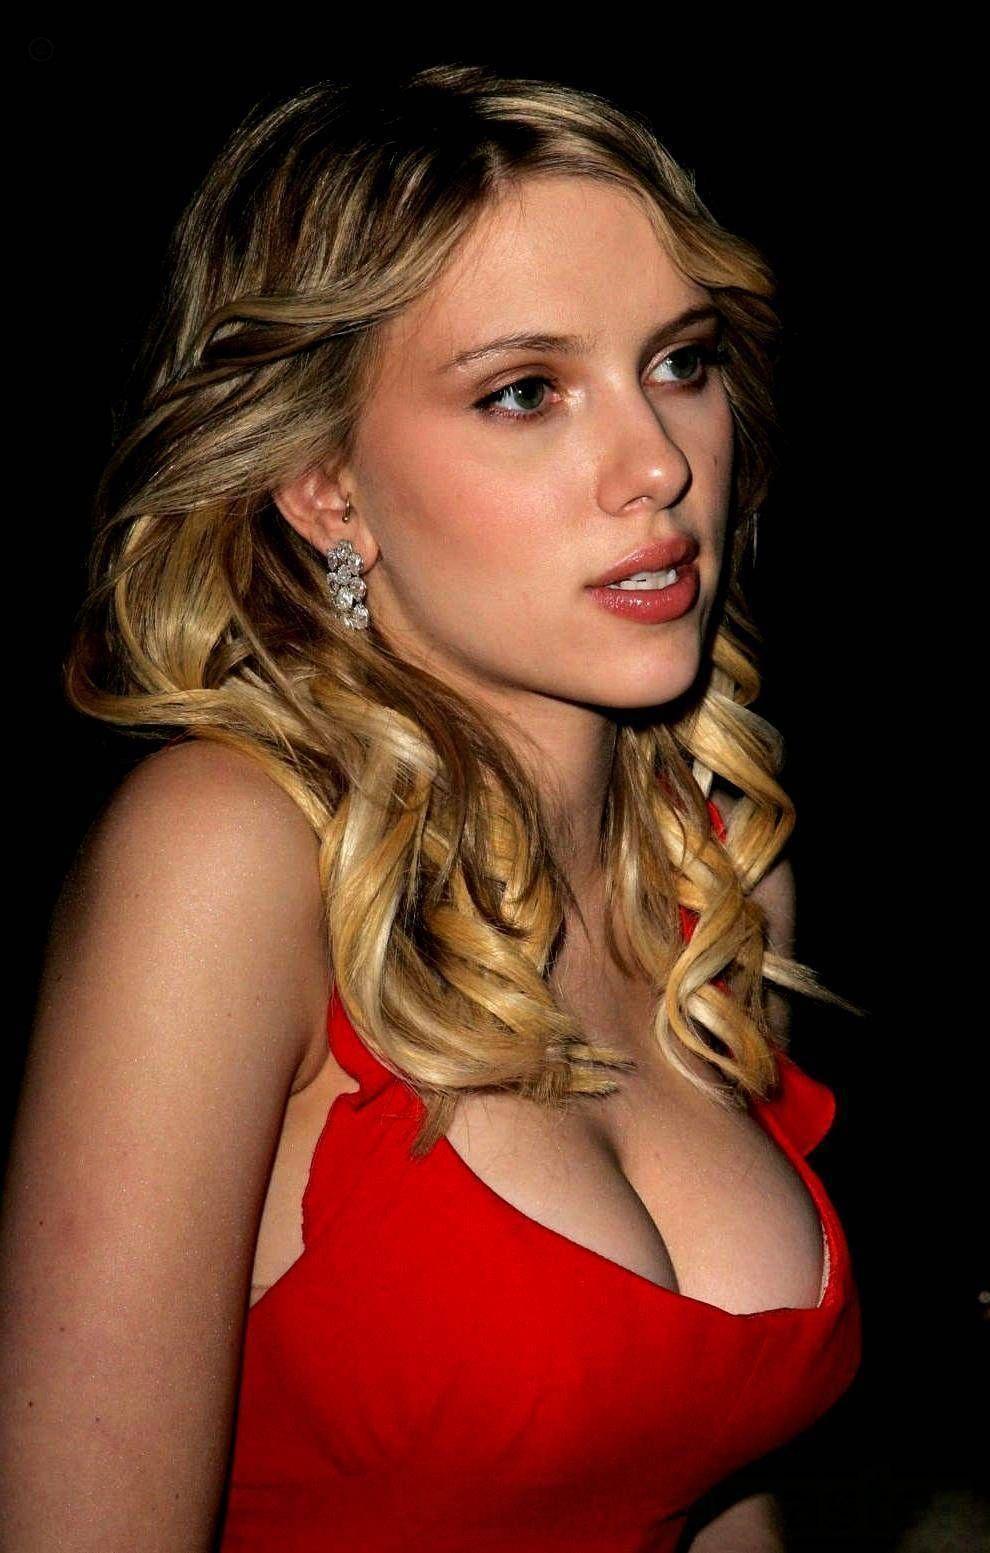 Scarlett Johansson Boob Pics